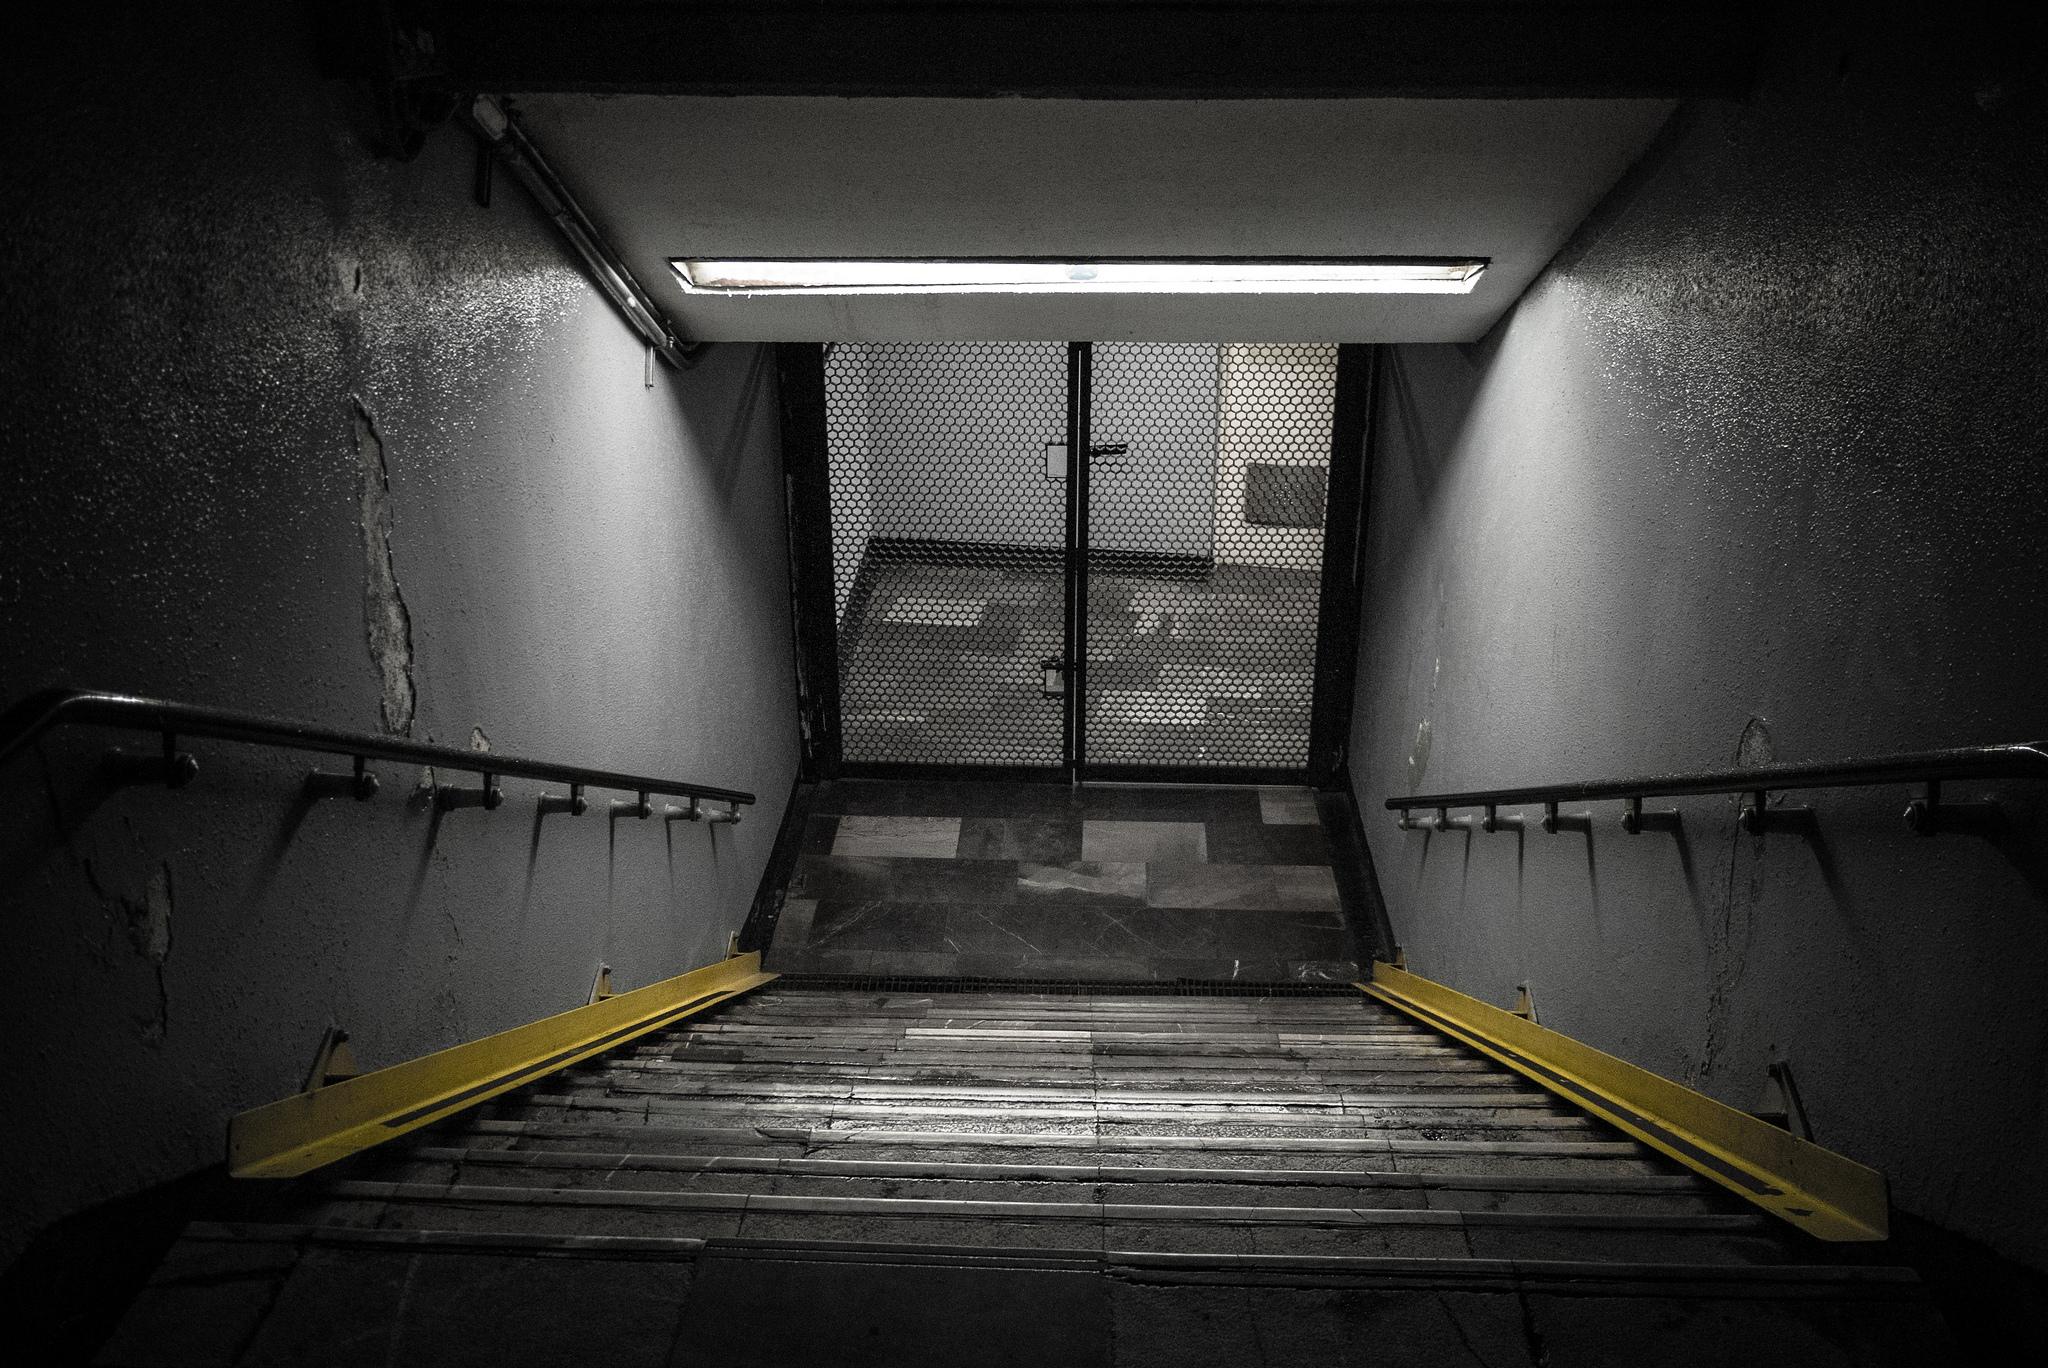 Opciones de transporte nocturno en el DF by Eneas de Troya vía Flickr